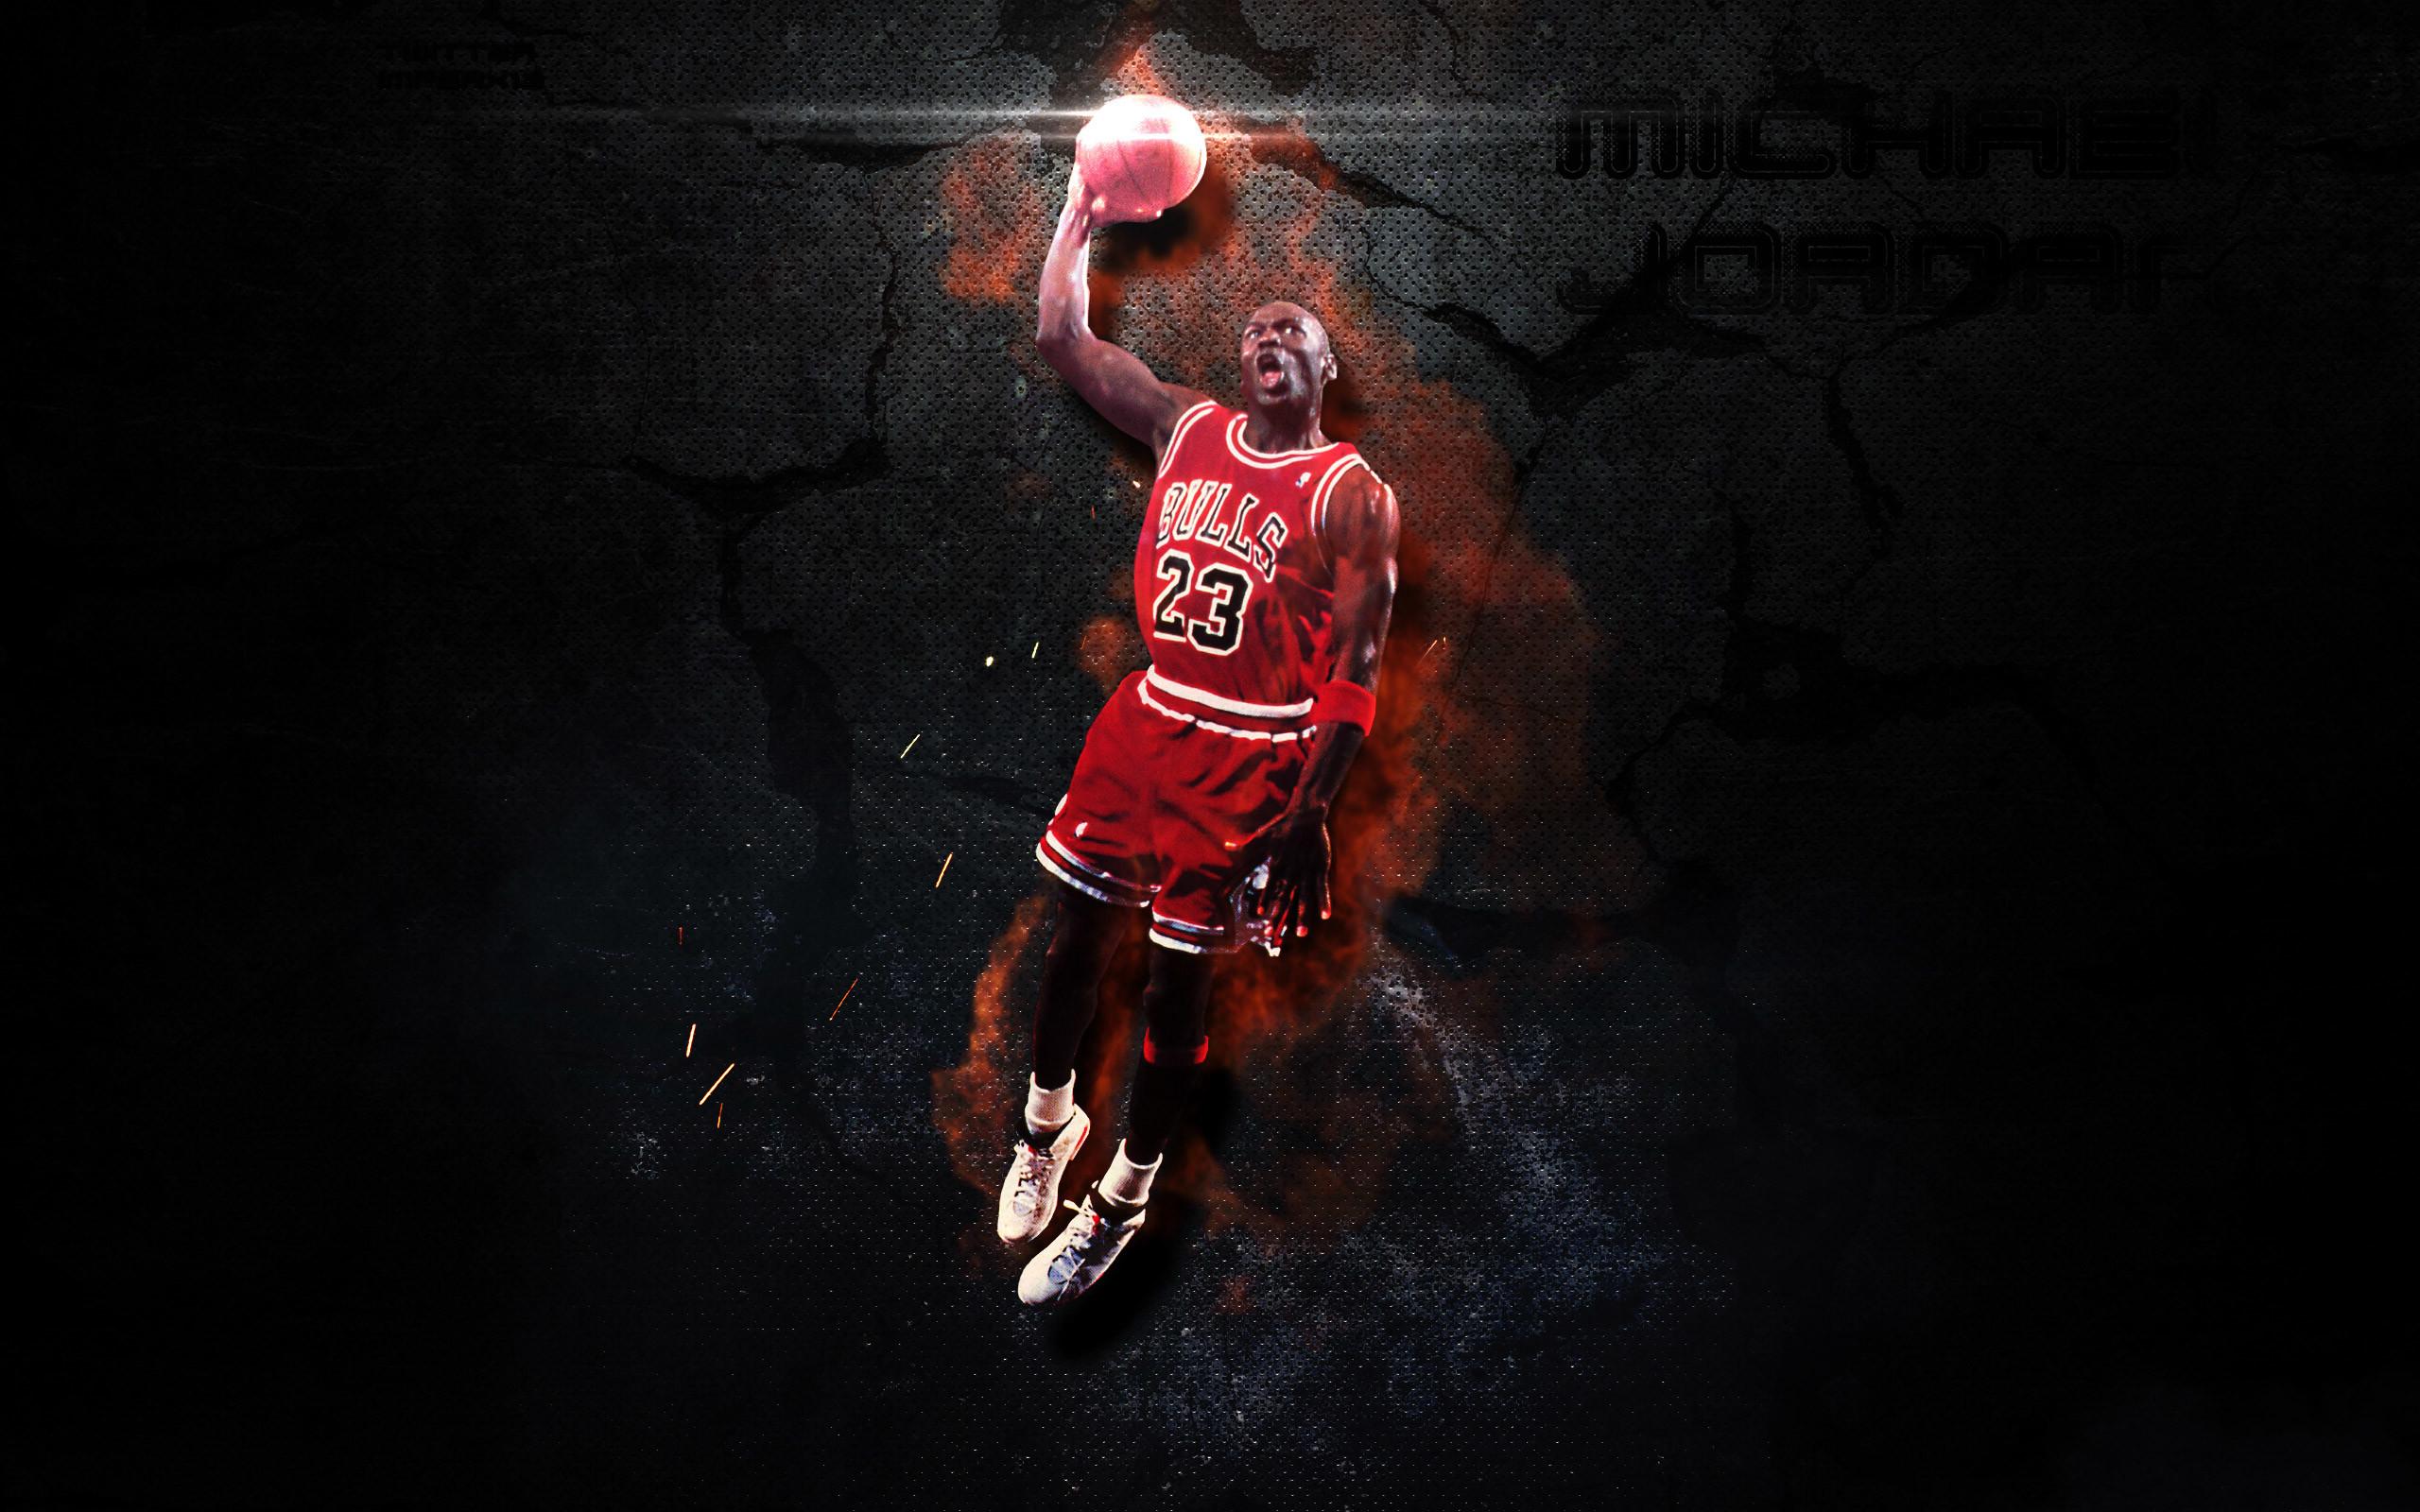 Michael Jordan Wallpapers HD Download Free